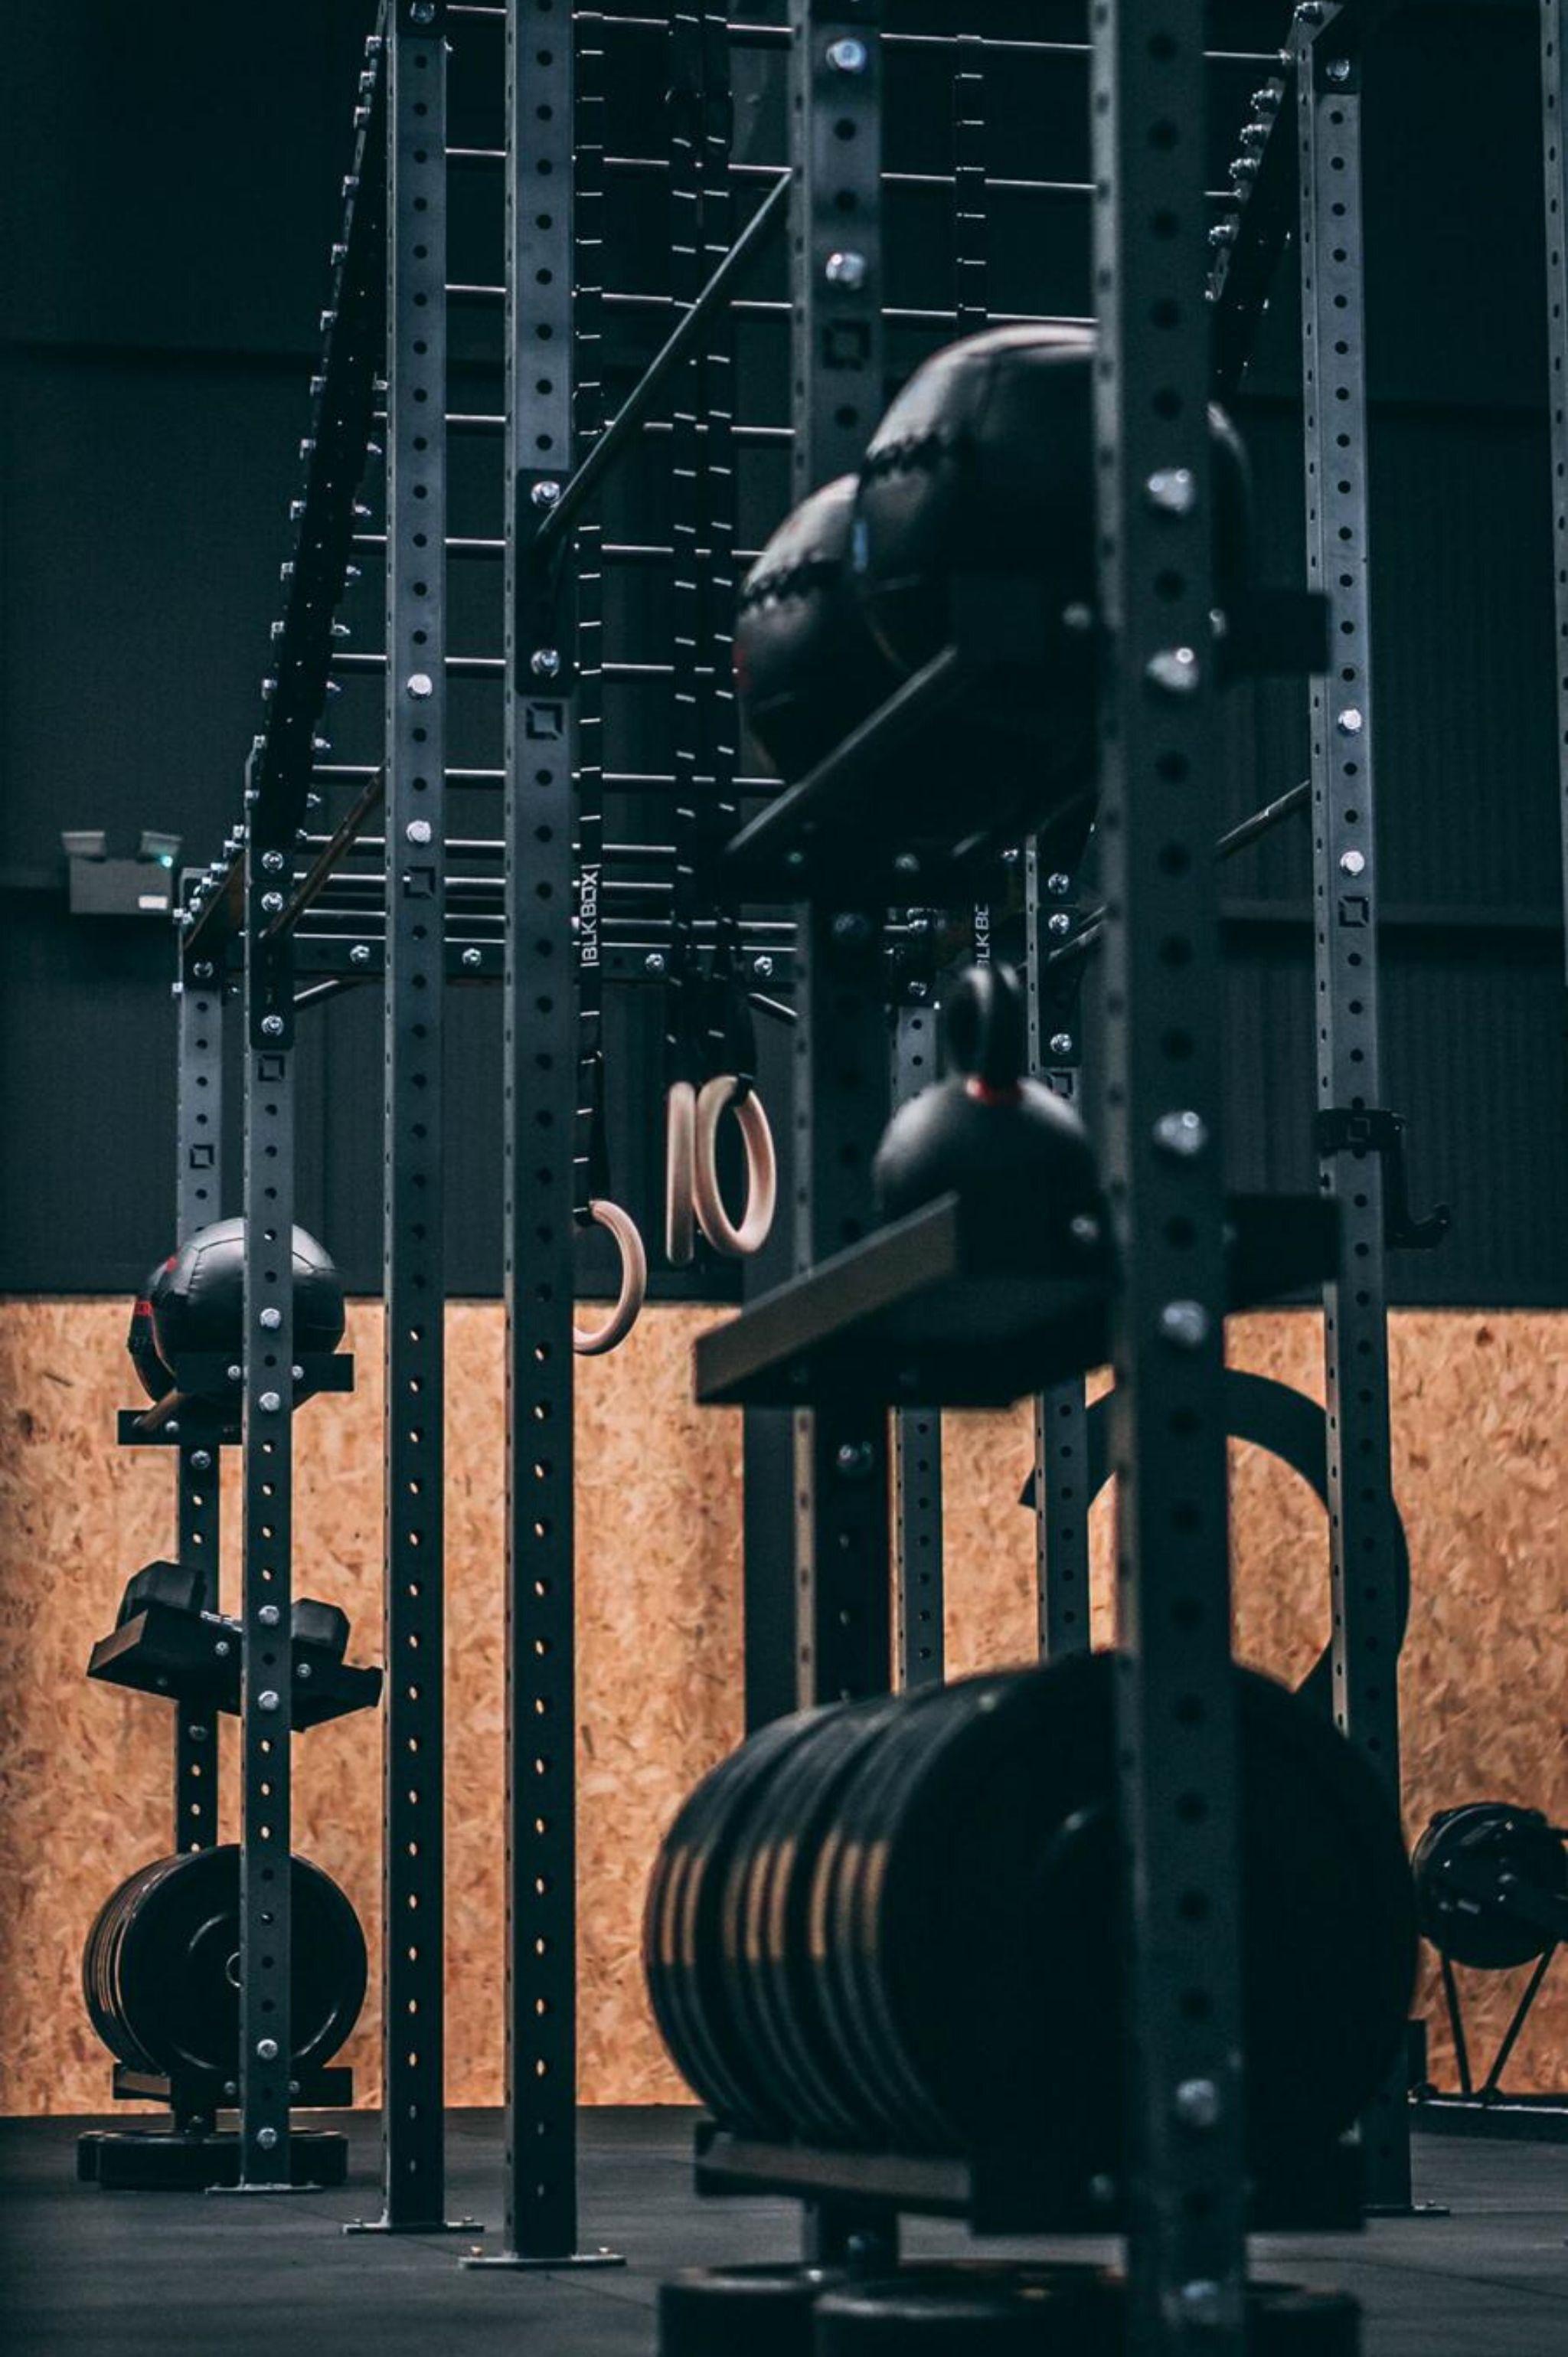 blx box gym equipment for gladiator gym ballymena